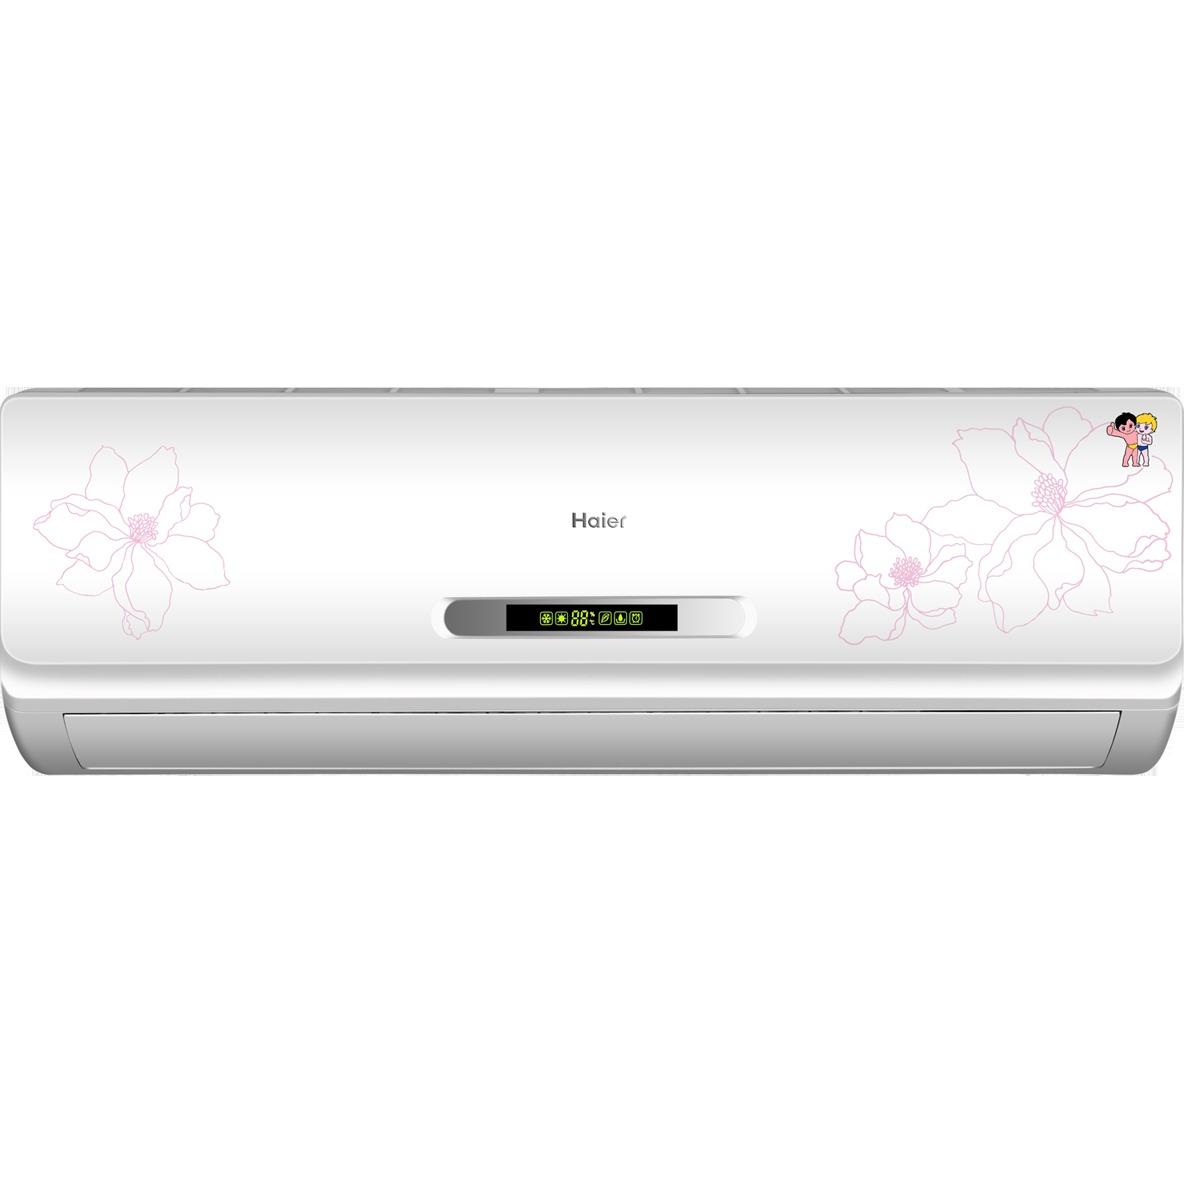 海尔 白色1100瓦冷暖三级壁挂式空调50dB大1.5匹 空调